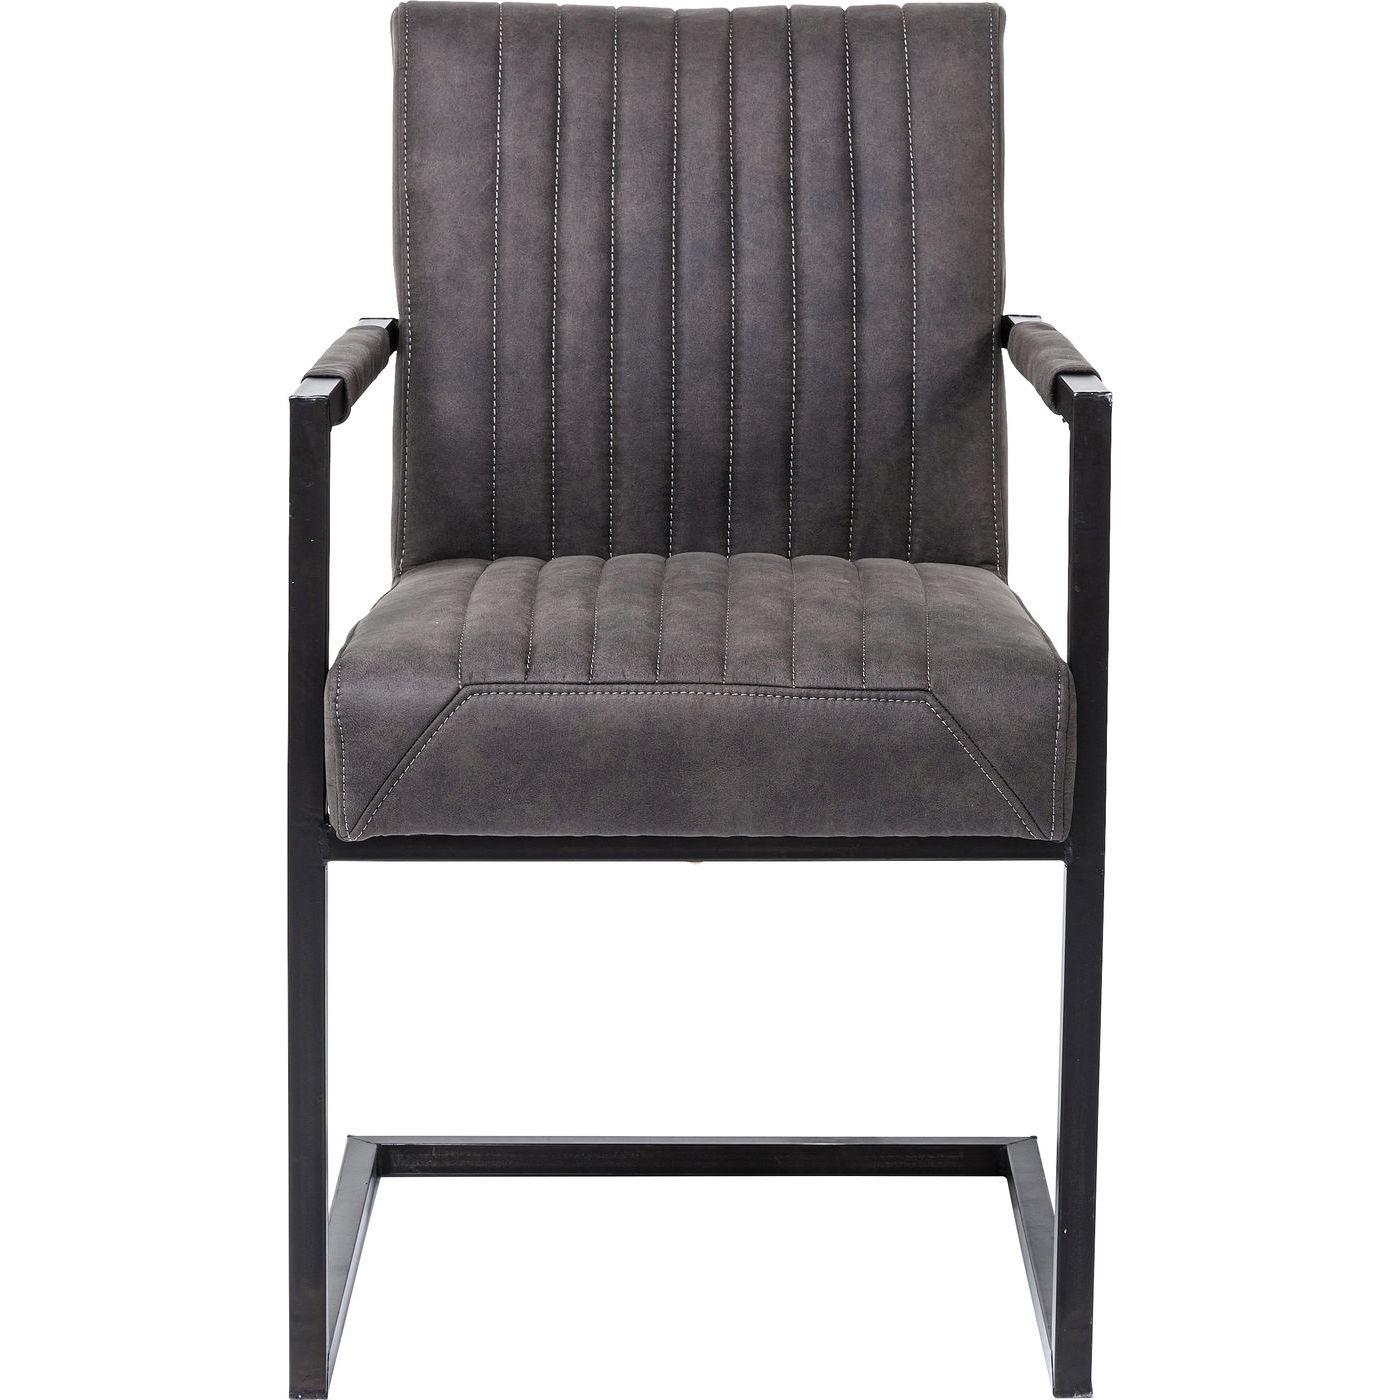 Billede af Kare Design Cantilever Spisebordsstol med armlæn, Liberty